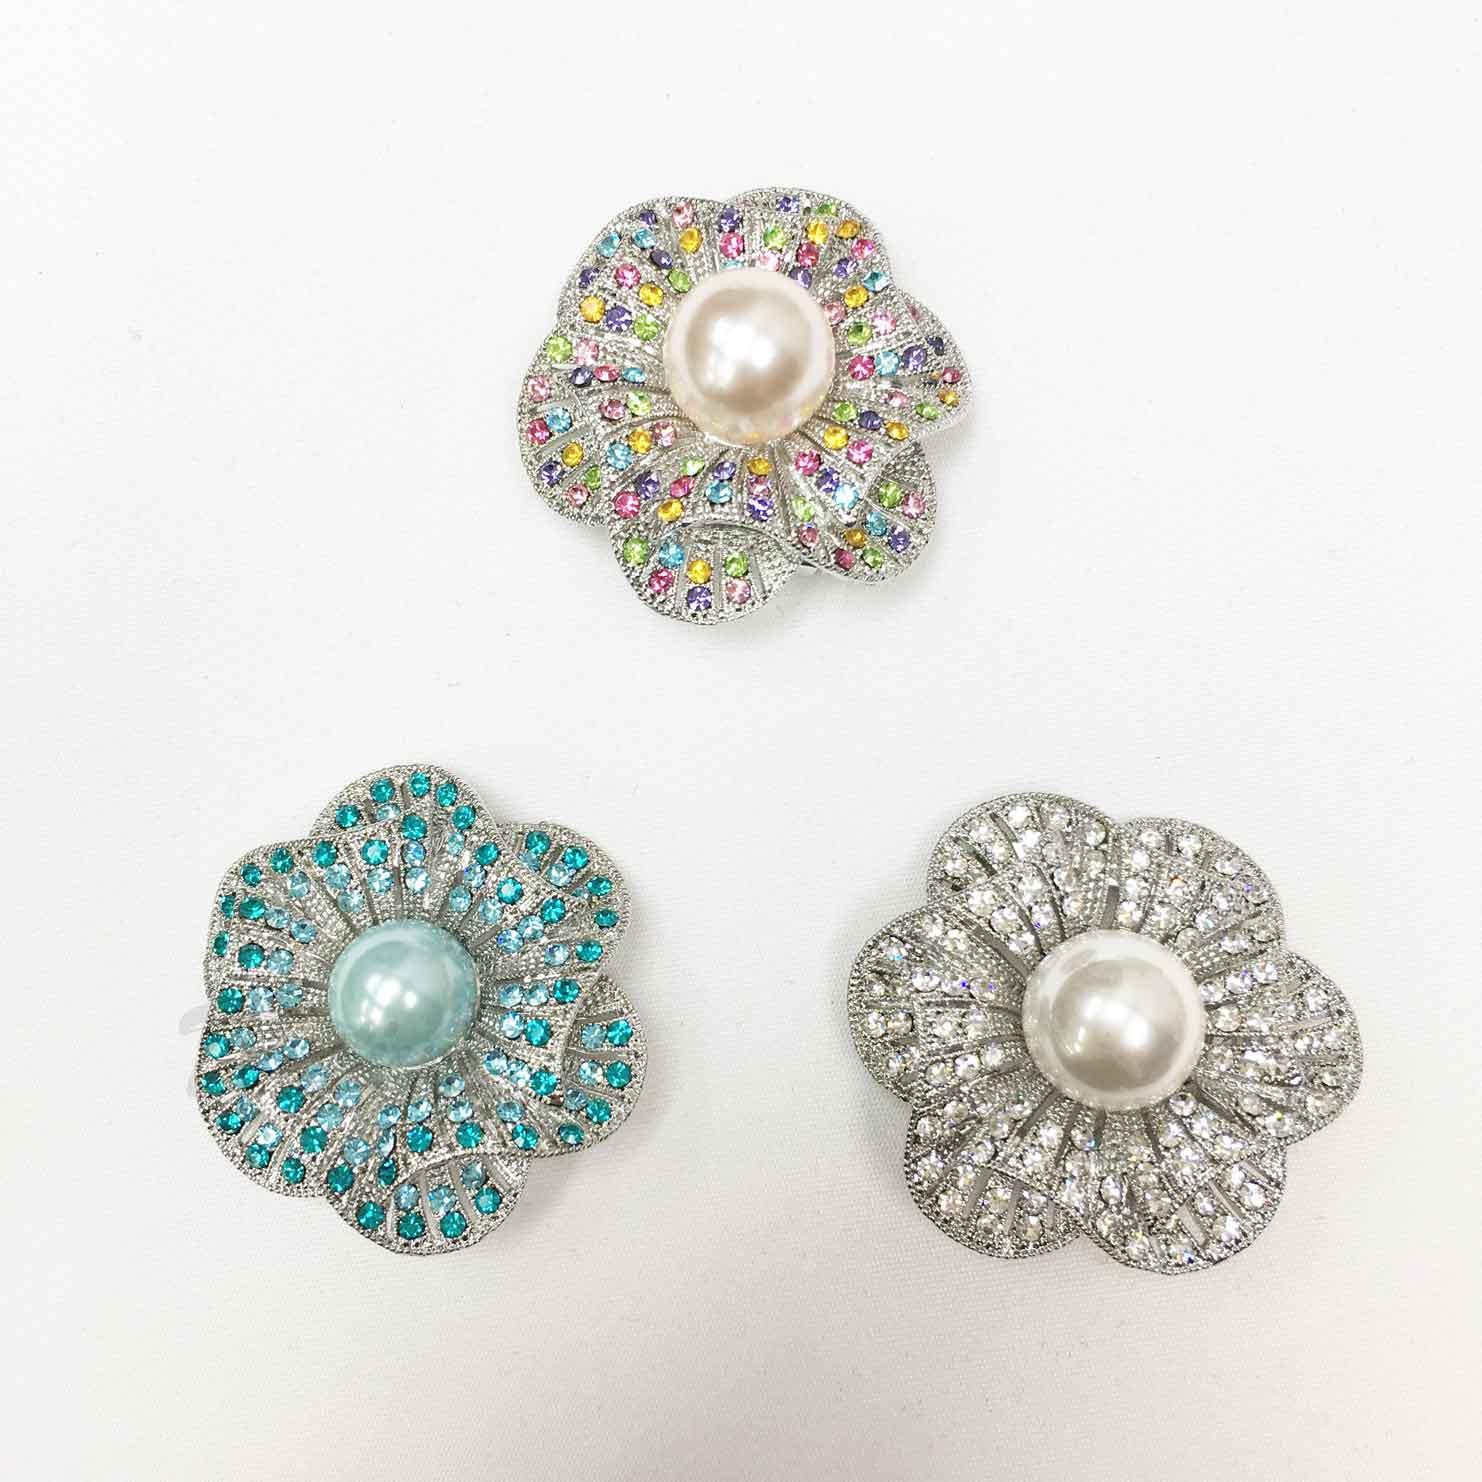 花朵 波紋 紋路 水鑽 珍珠 三色 絲巾夾 領巾夾